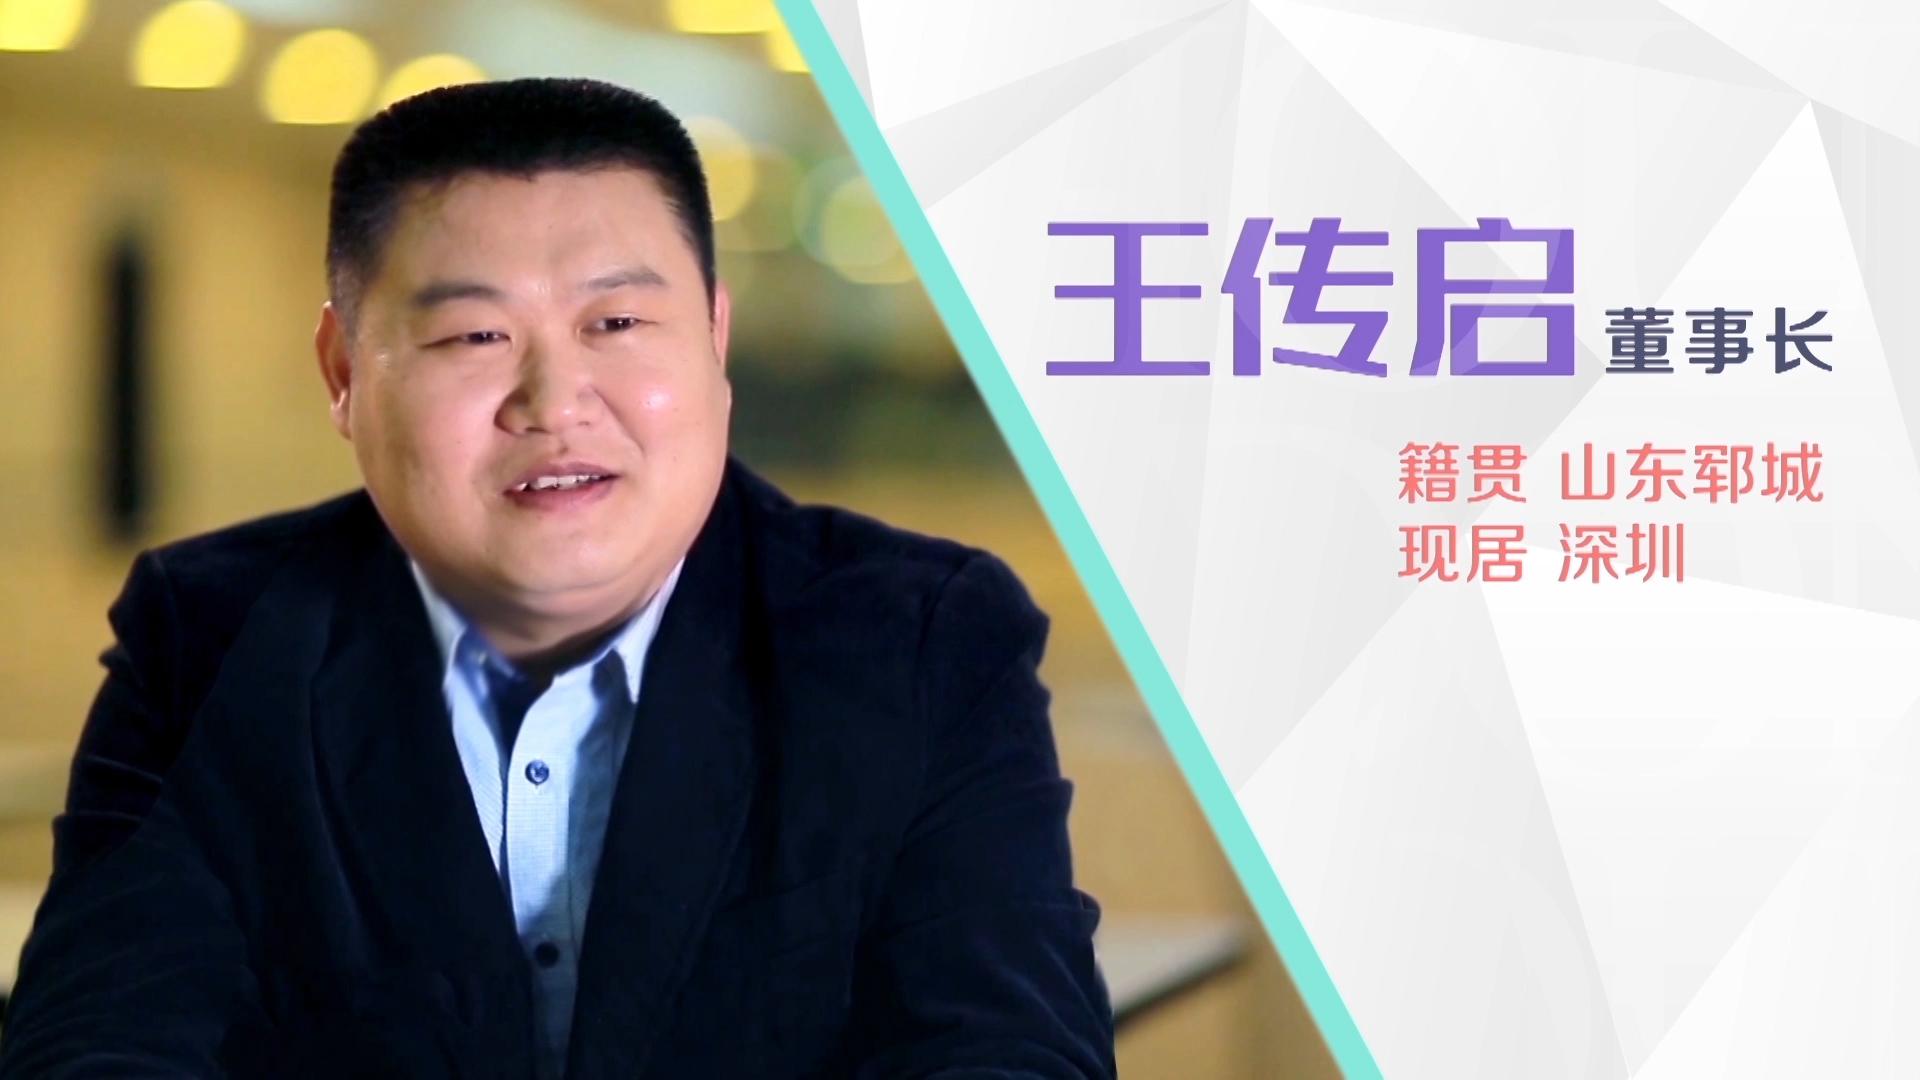 20160326完整版 | 王传启:良心饭菜成就深圳大食堂